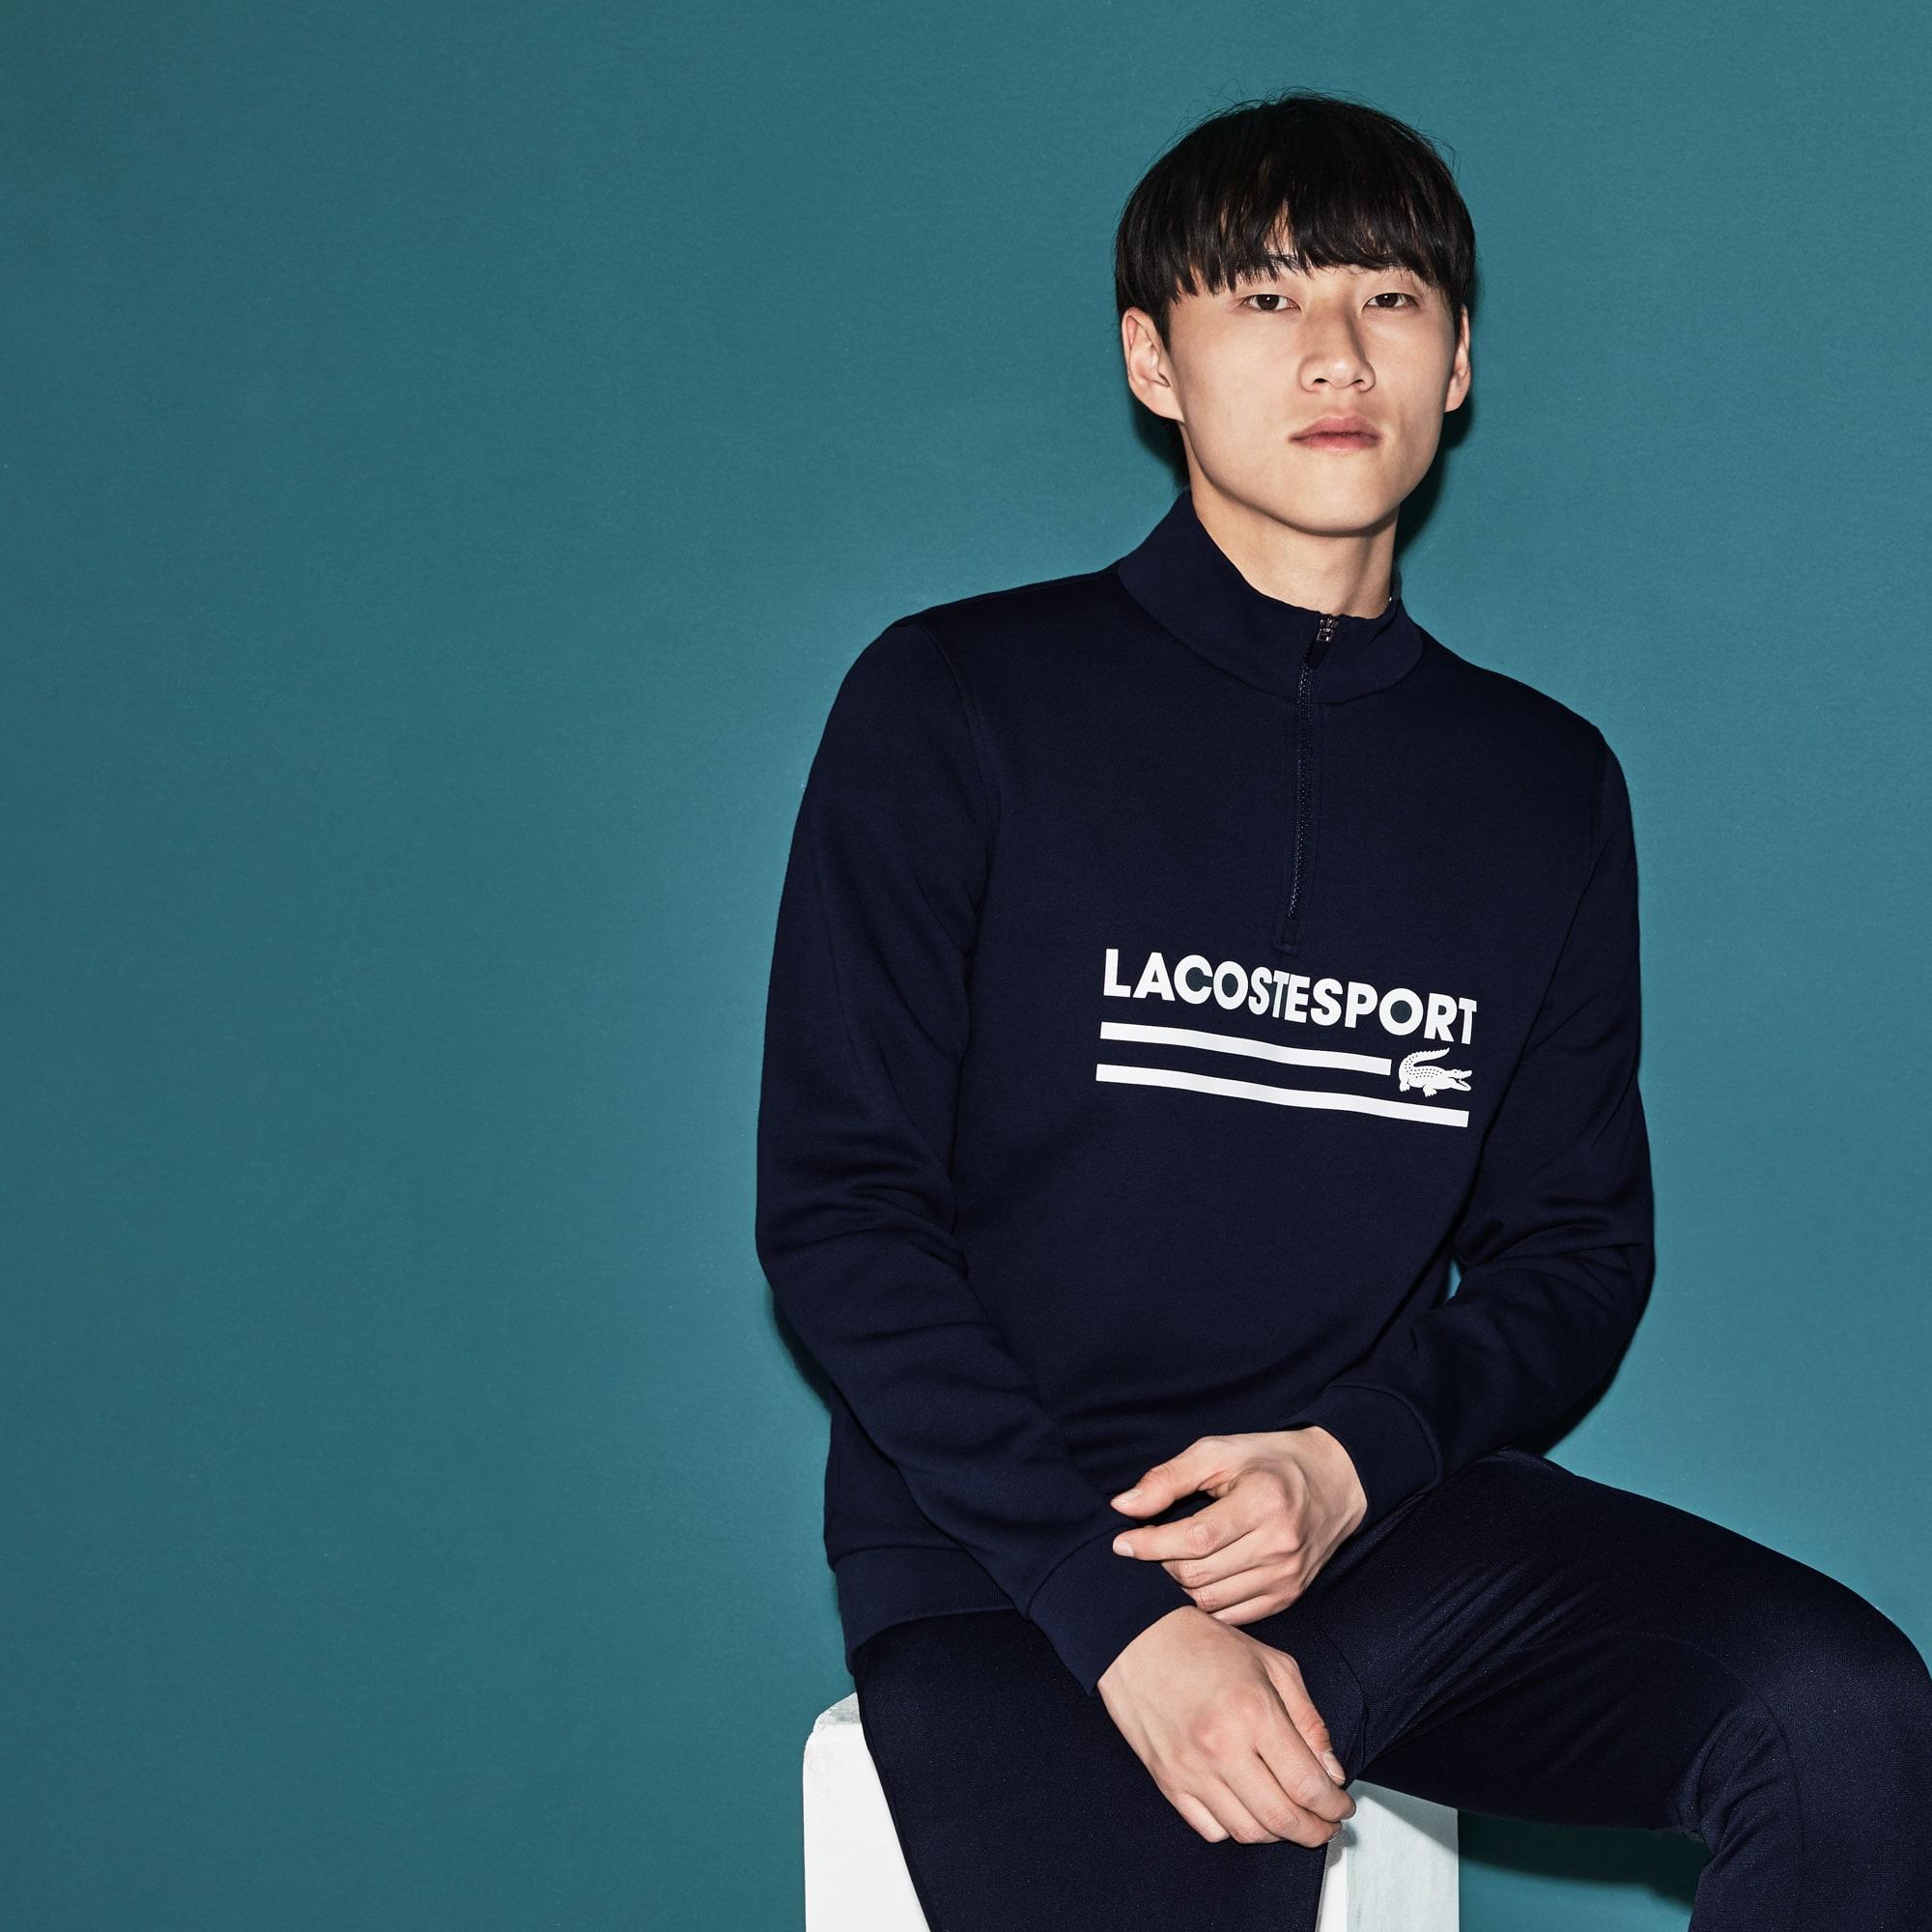 Men's SPORT Stand-Up Collar Tennis Sweatshirt